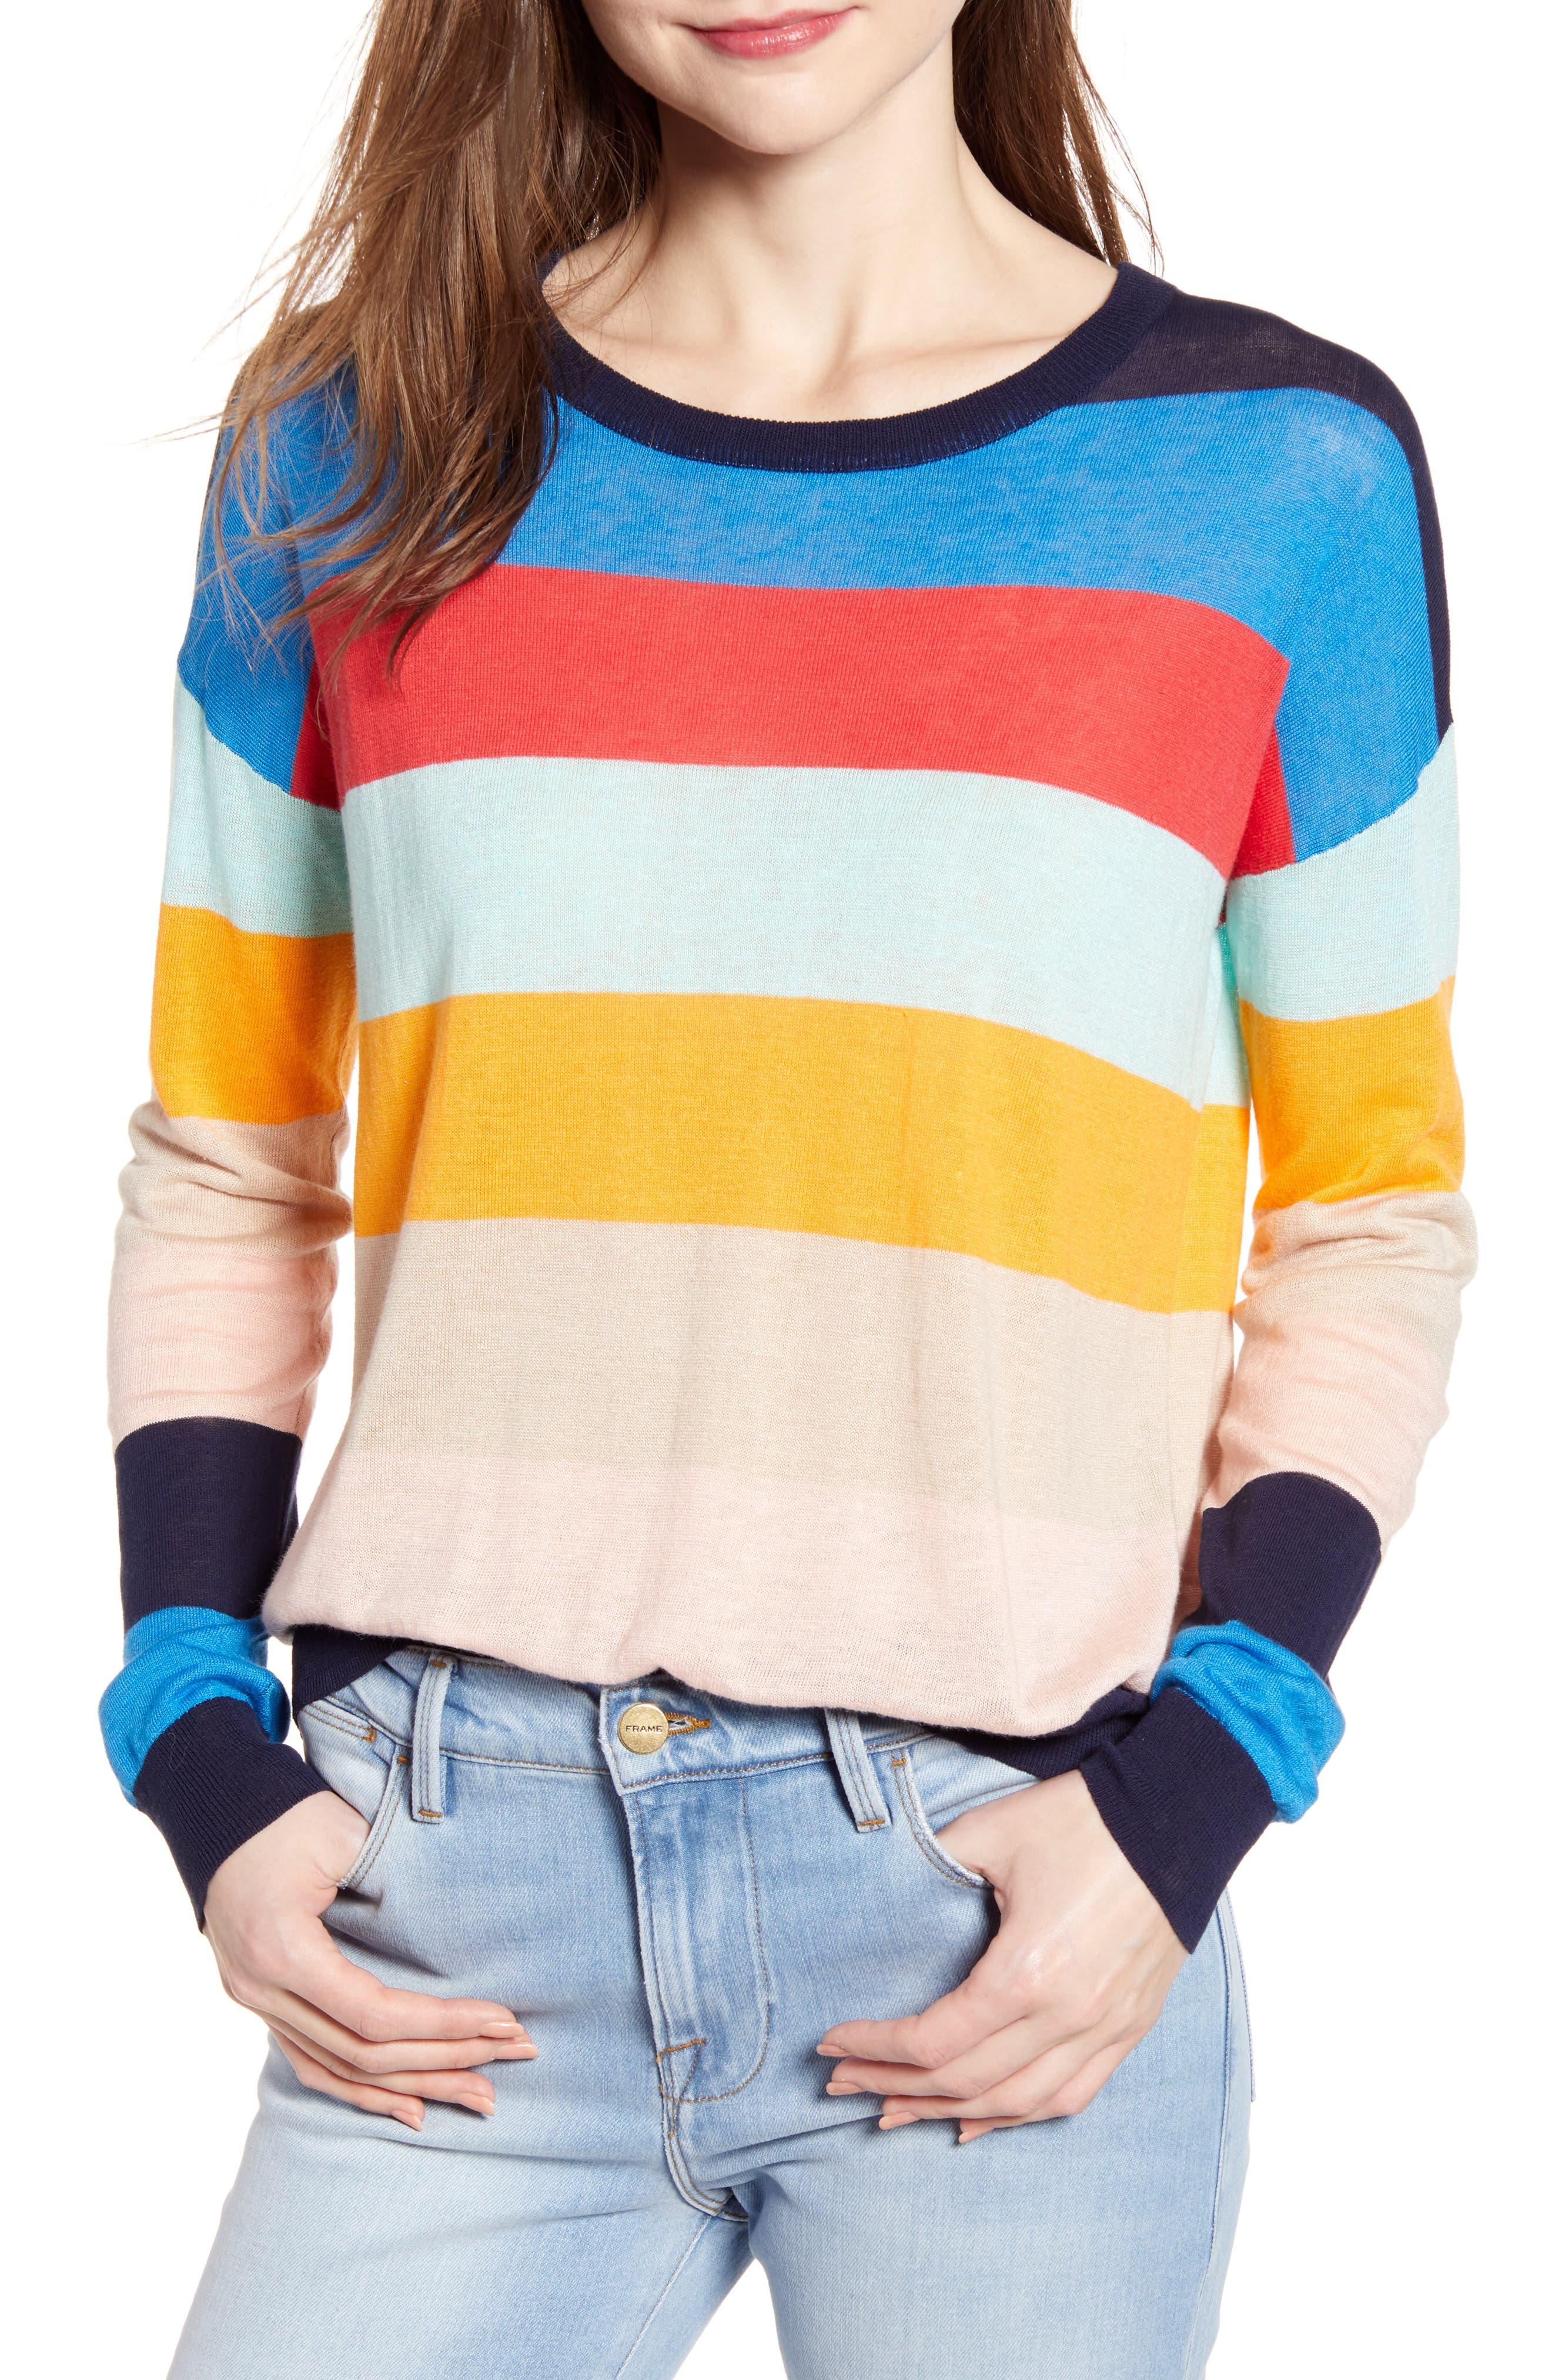 SPLENDID Sunray Colorblock Sweater, Main, color, BONFIRE MULTI